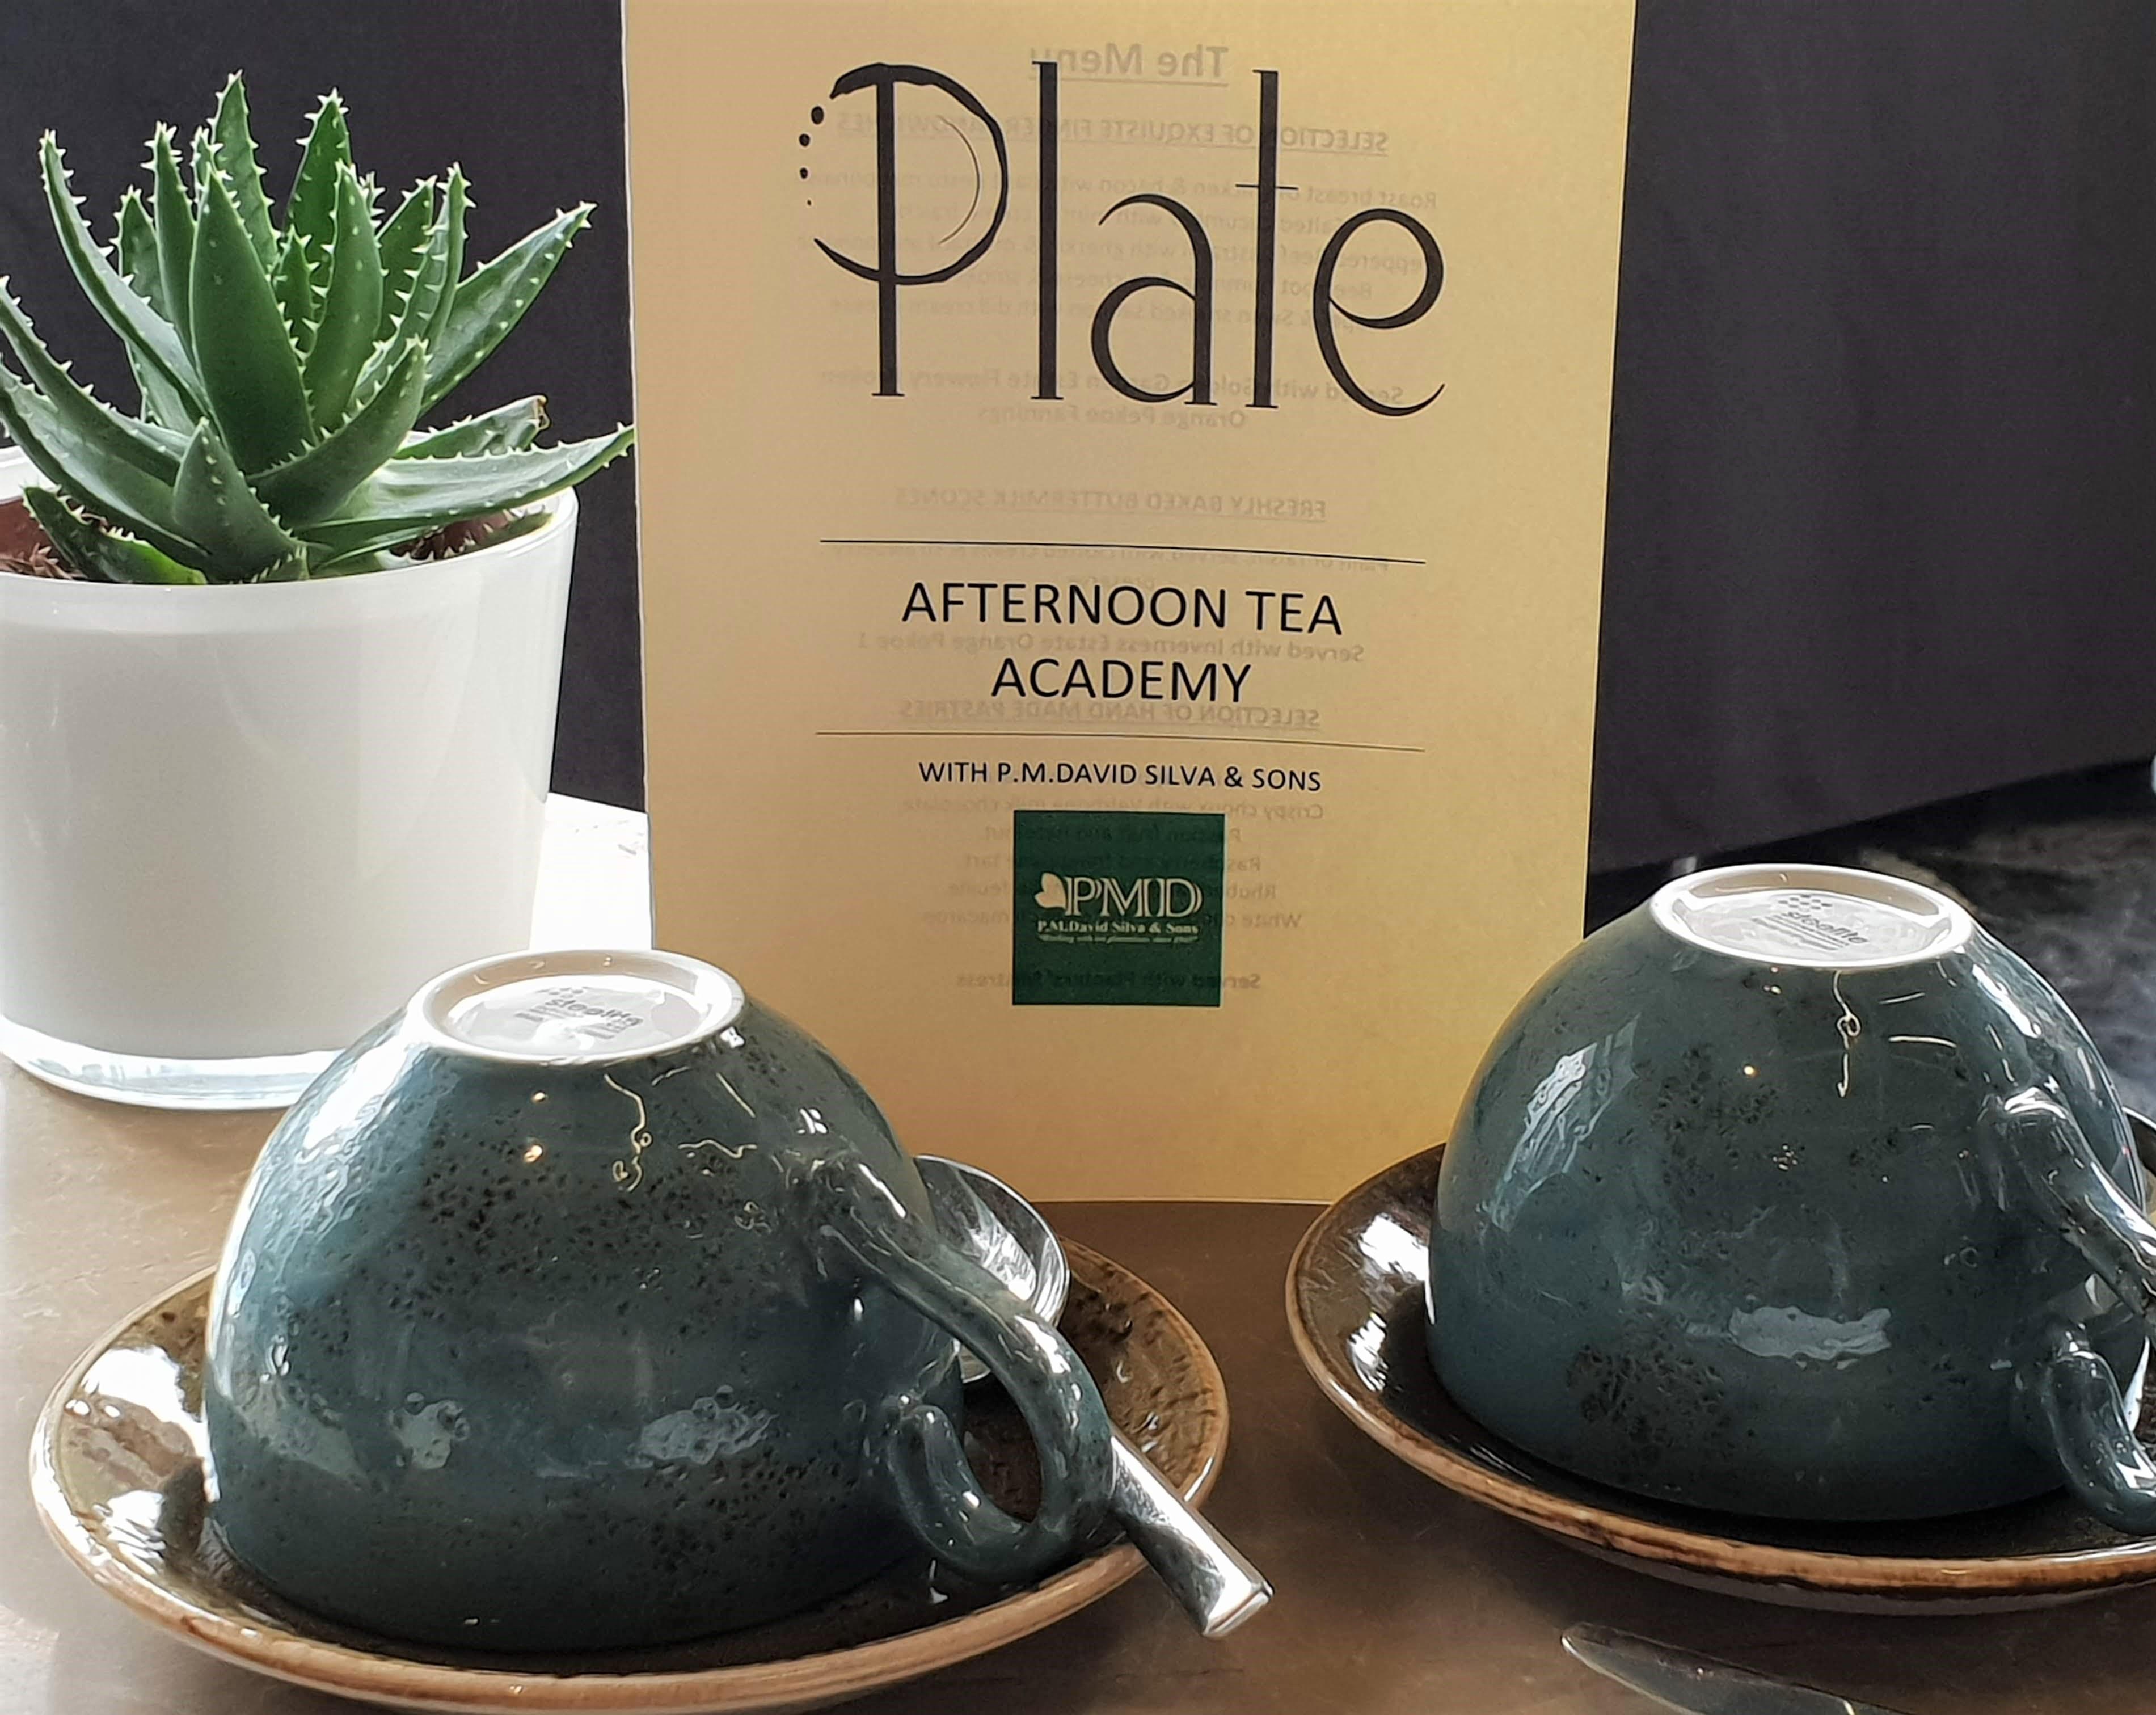 Plate Tea Academy (3)